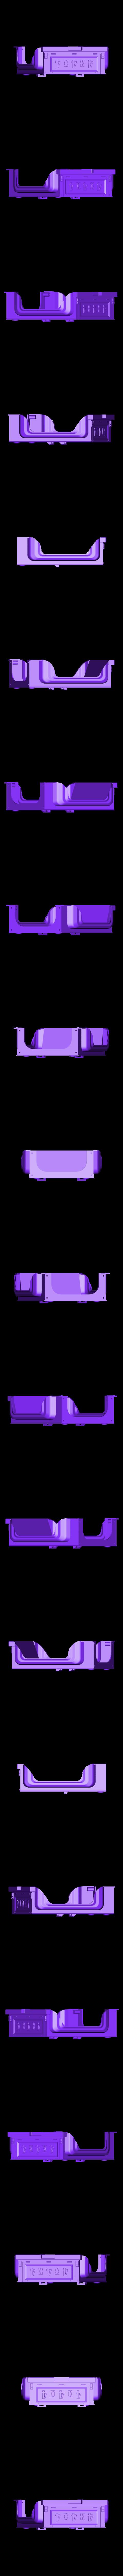 LongWB03.STL Télécharger fichier STL gratuit Corps de ramassage à échelle RC. • Modèle à imprimer en 3D, tahustvedt